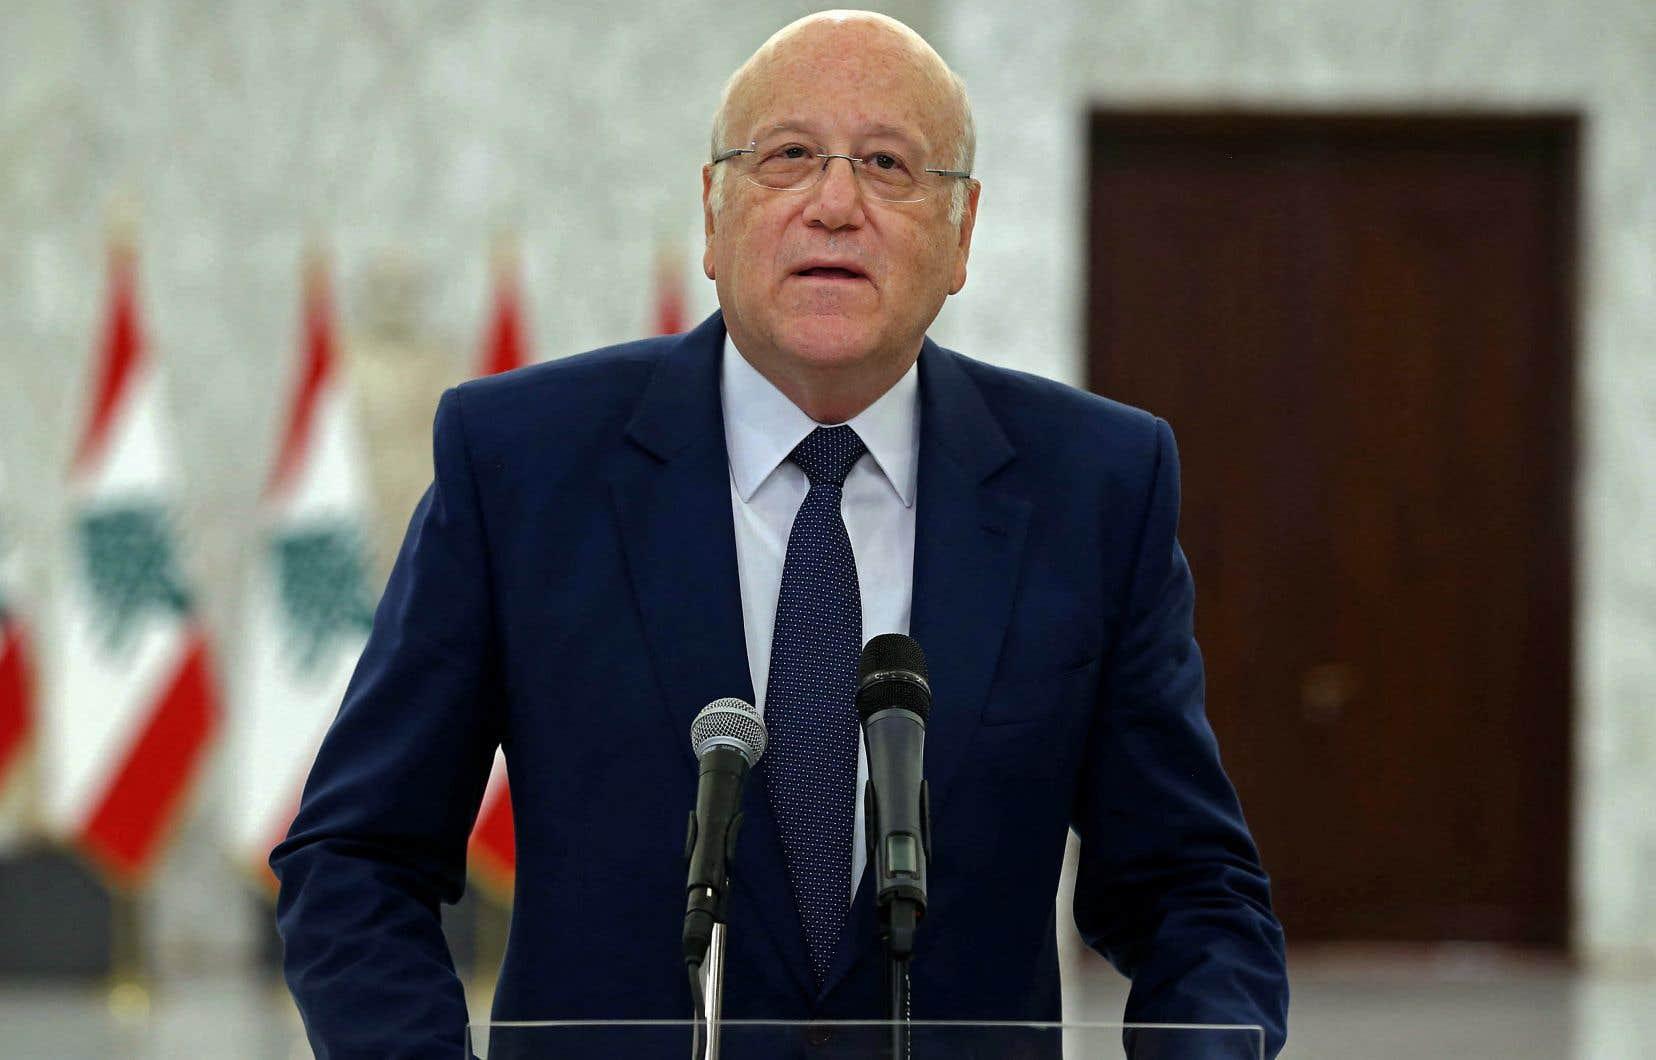 L'ex-premier ministre Najib Mikati a été chargé lundi de former un nouveau gouvernement après l'échec de ses deux prédécesseurs à mettre en place un cabinet censé mener des réformes indispensables pour sortir le Liban de la pire crise socio-économique de son histoire.